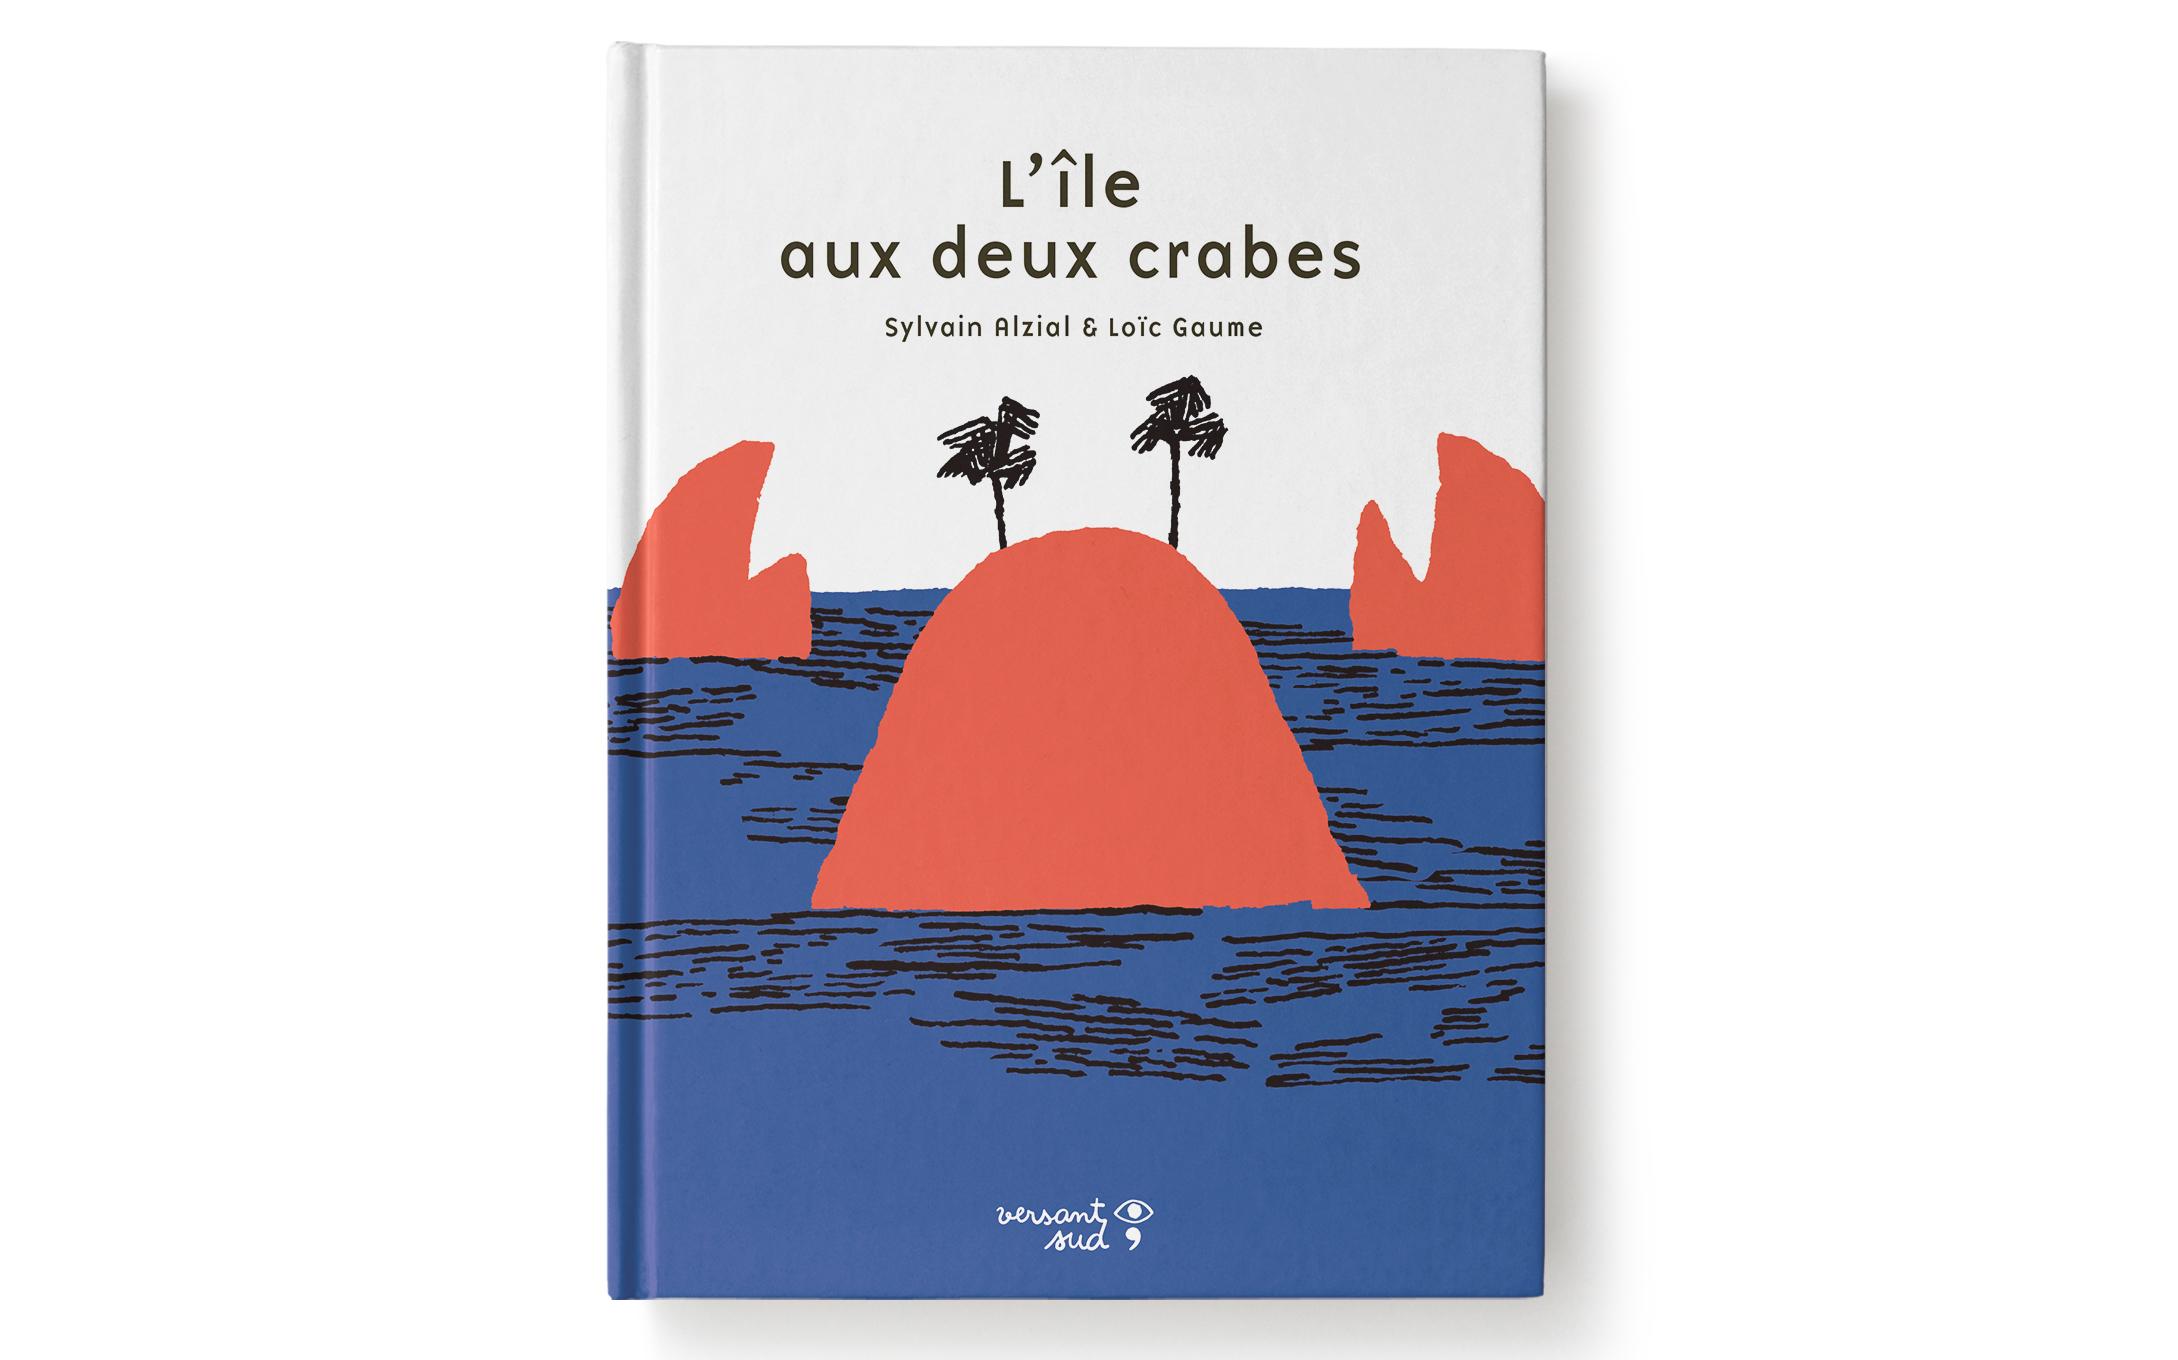 Dédicace de Loïc Gaume à la Librairie Candide